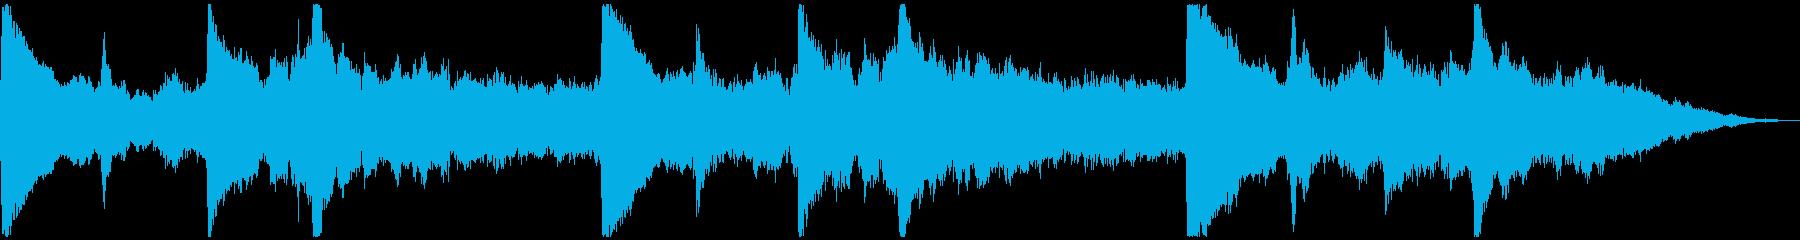 5秒CM用、サウンドロゴverEの再生済みの波形